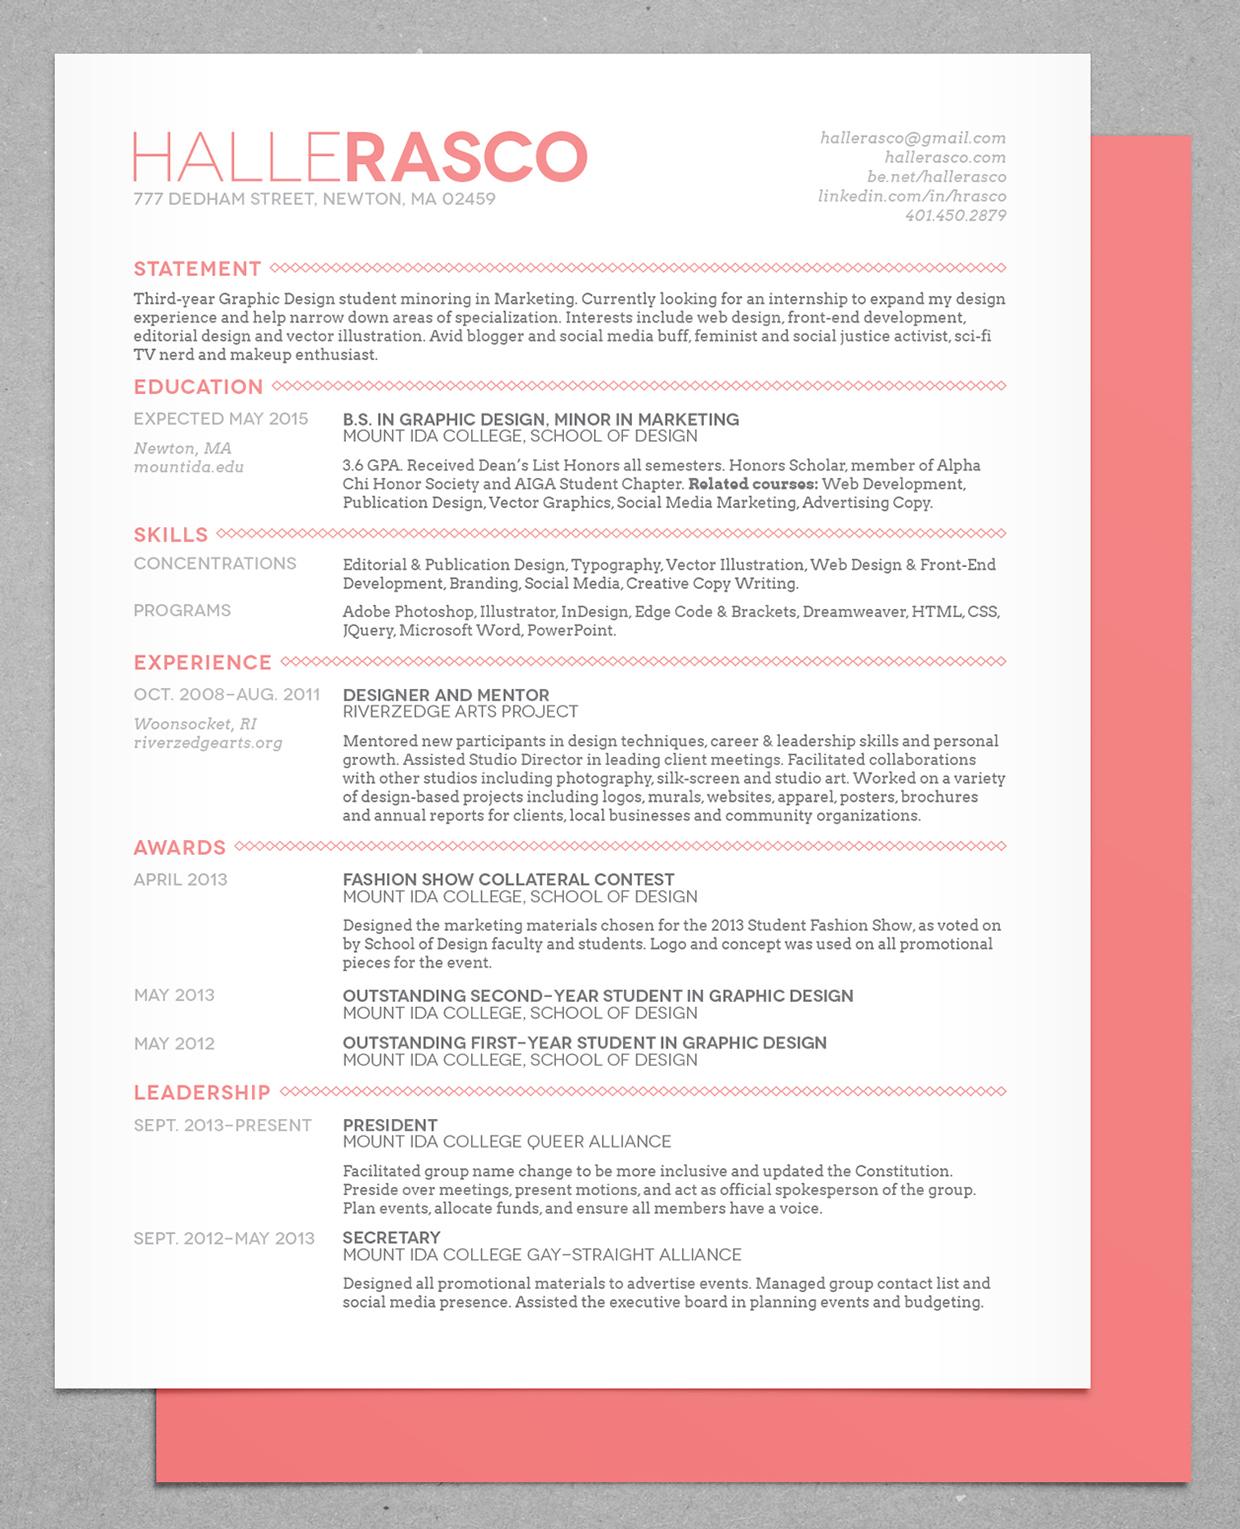 Resume by Halle Rasco